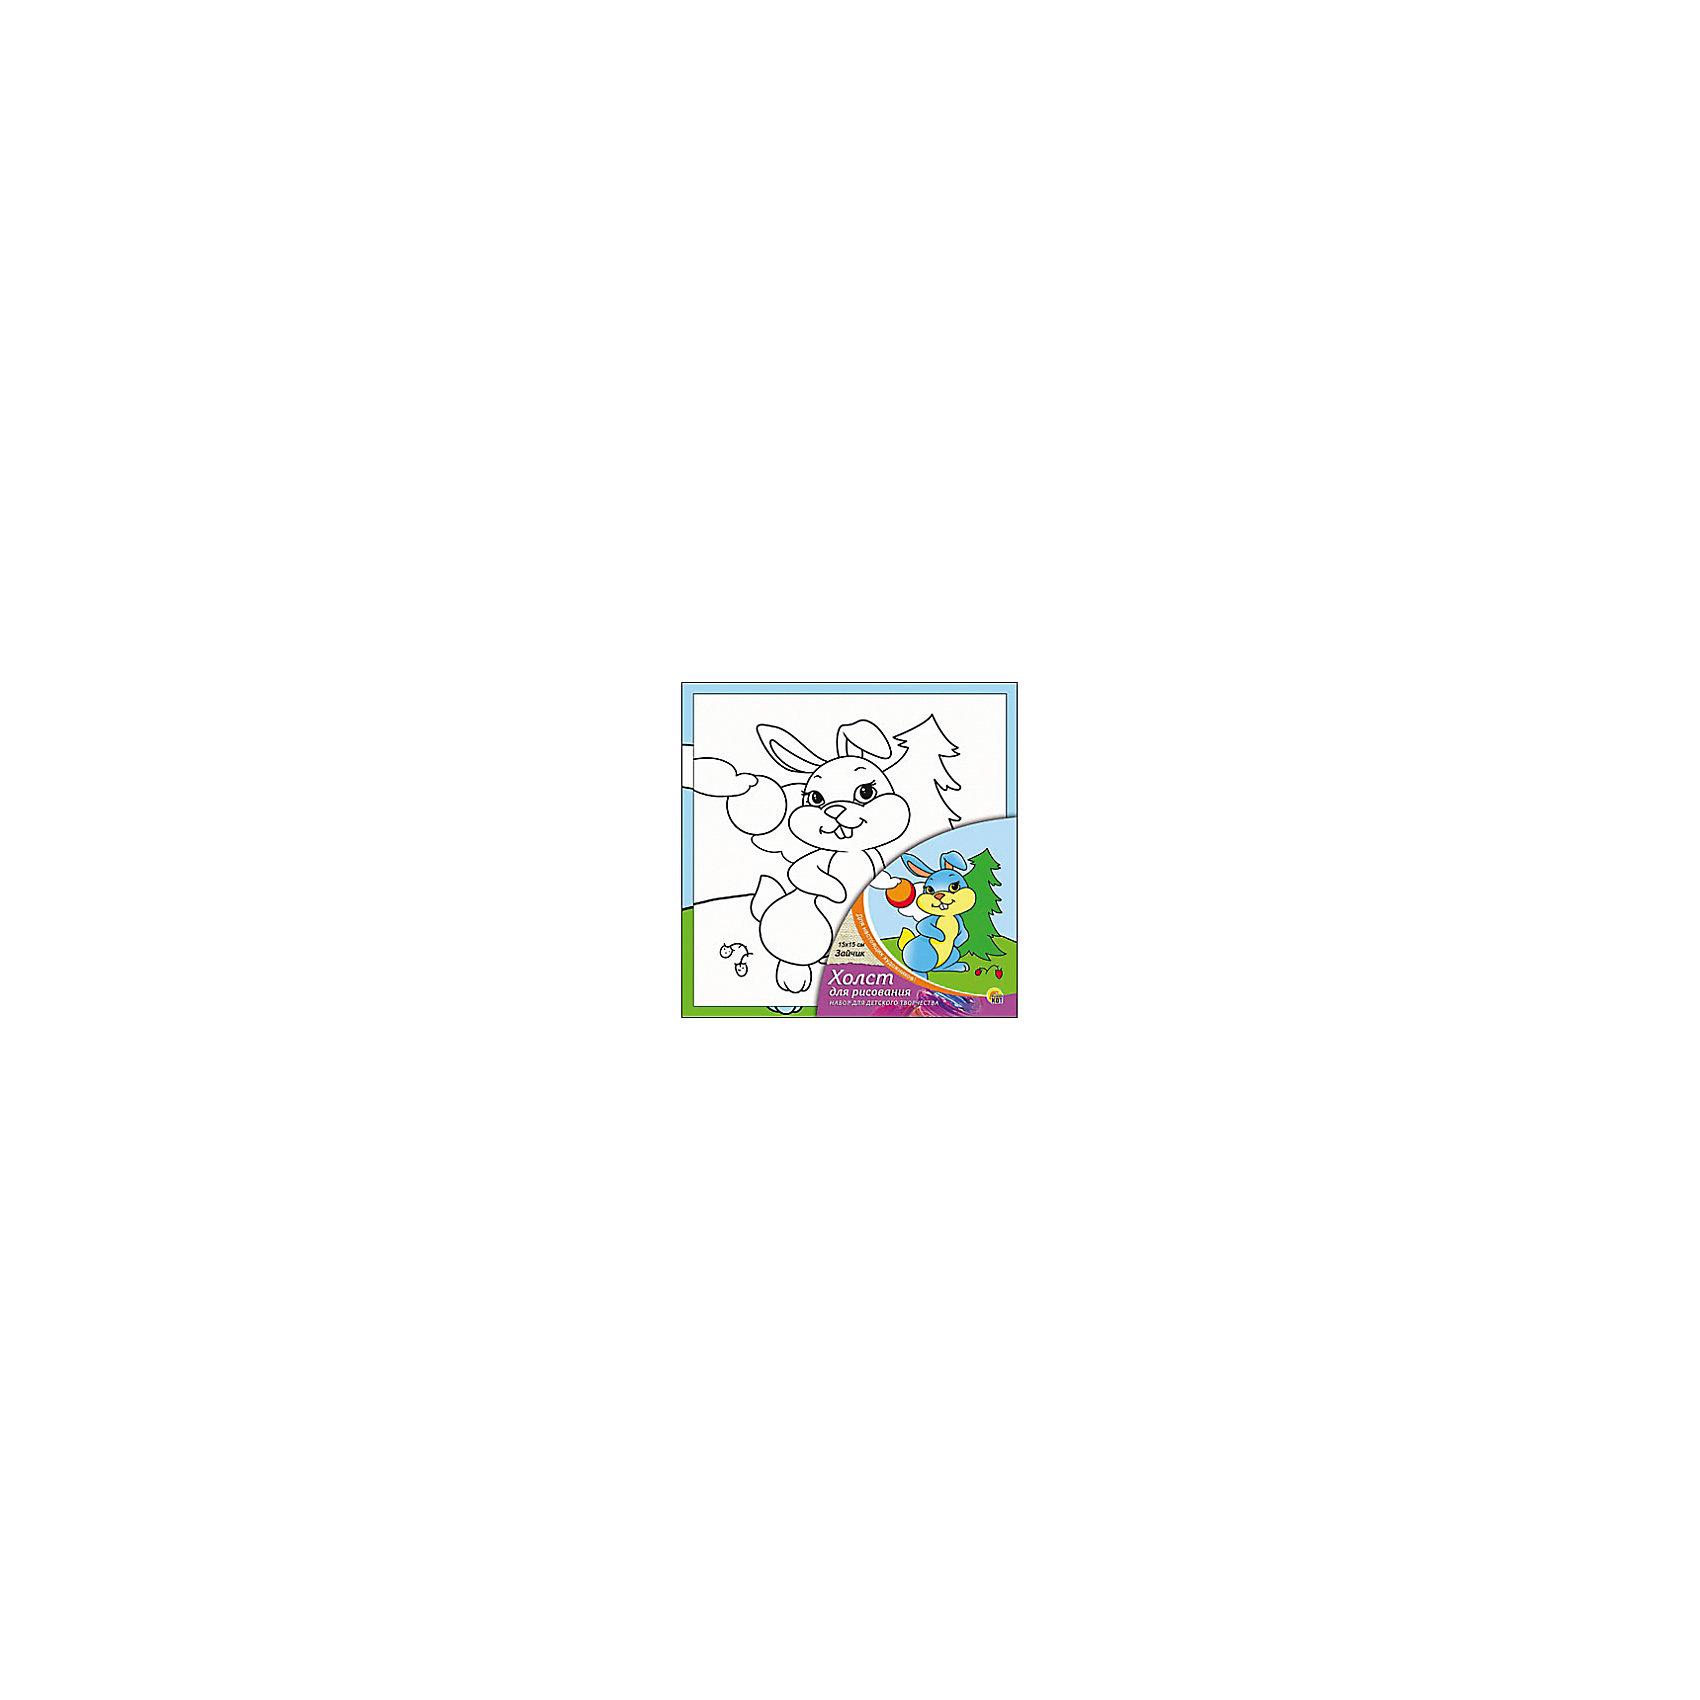 Холст с красками Зайчик 15х15 см.замечательные наборы для создания уникального шедевра изобразительного искусства. Создание картин на специально подготовленной рабочей поверхности – это уникальная техника, позволяющая делать Ваши шедевры более яркими и реалистичными. Просто нанесите мазки на уже готовый эскиз и оживите картину! Готовые изделия могут стать украшением интерьера или прекрасным подарком близким и друзьям.<br><br>Ширина мм: 150<br>Глубина мм: 150<br>Высота мм: 15<br>Вес г: 838<br>Возраст от месяцев: 36<br>Возраст до месяцев: 108<br>Пол: Унисекс<br>Возраст: Детский<br>SKU: 5096732